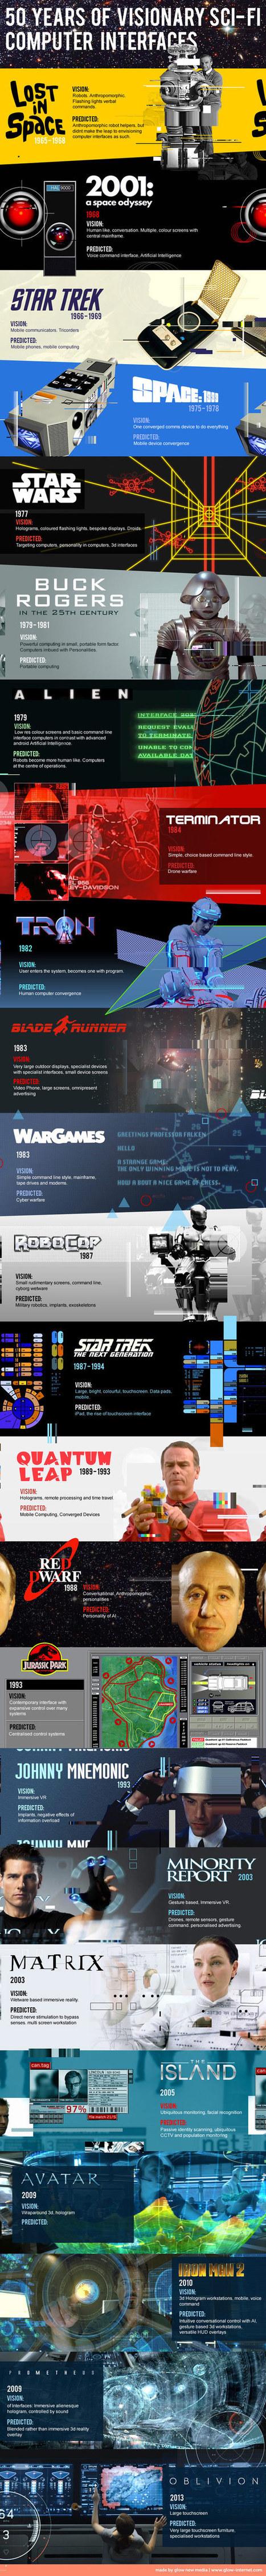 Infographie : Les technologies du futur... dans le passé   Cyborgs_Transhumanism   Scoop.it